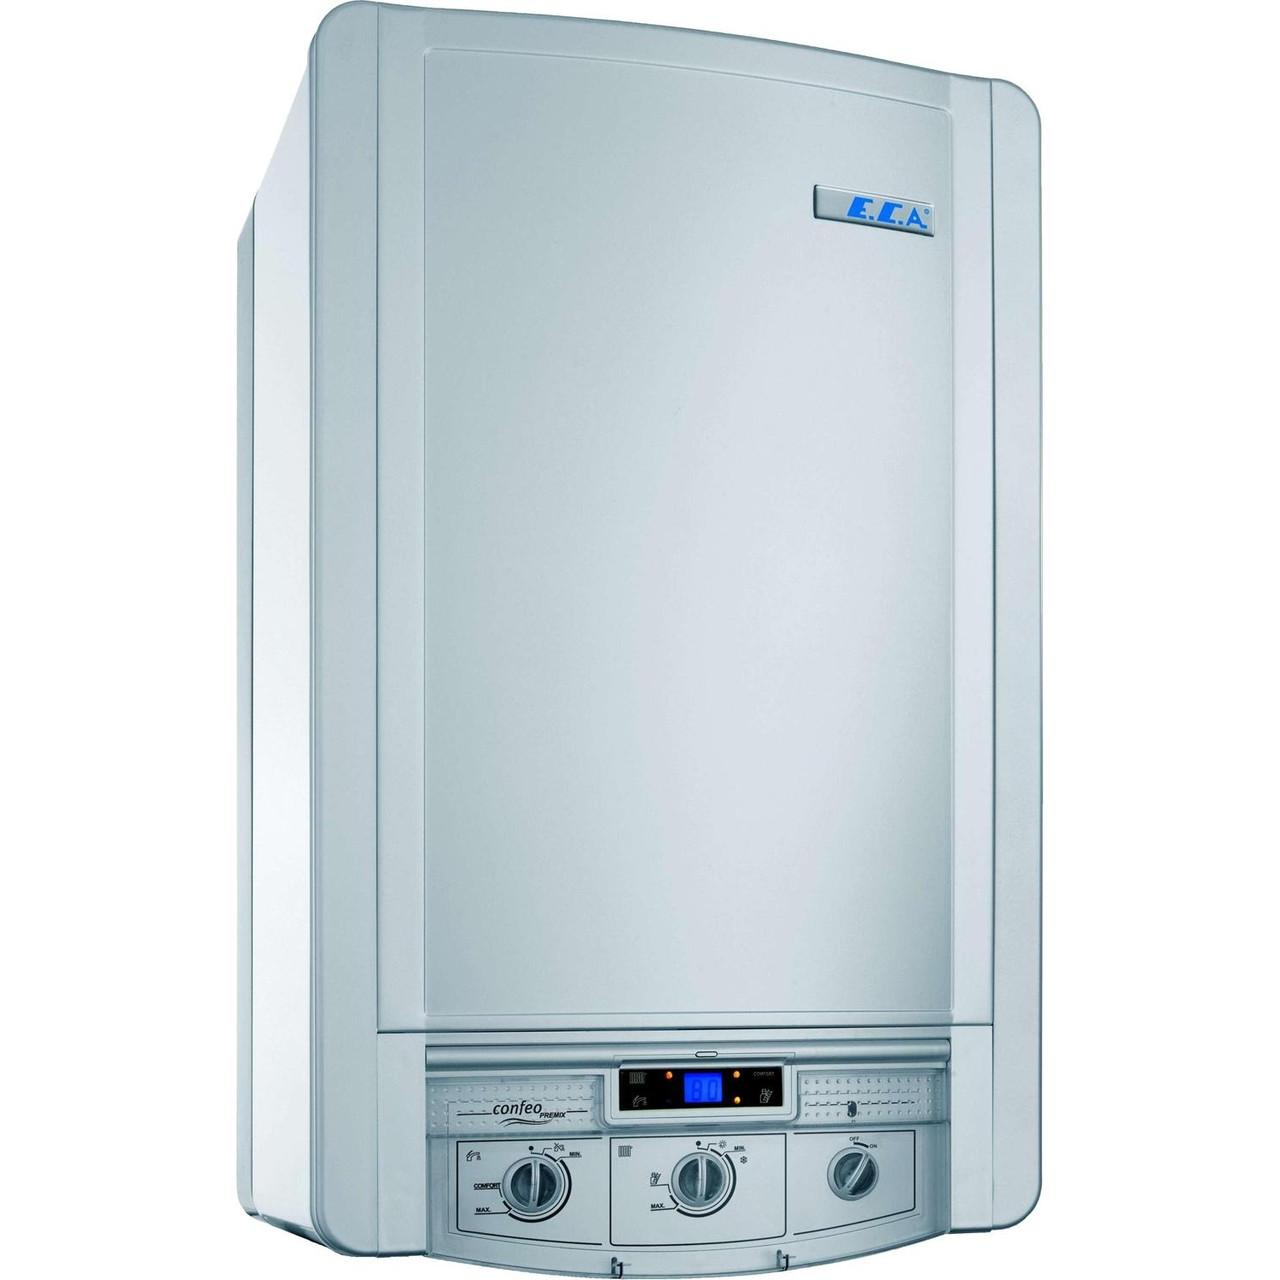 Котел газовый конденсационный E.C.A. Confeo Premix 30 HM